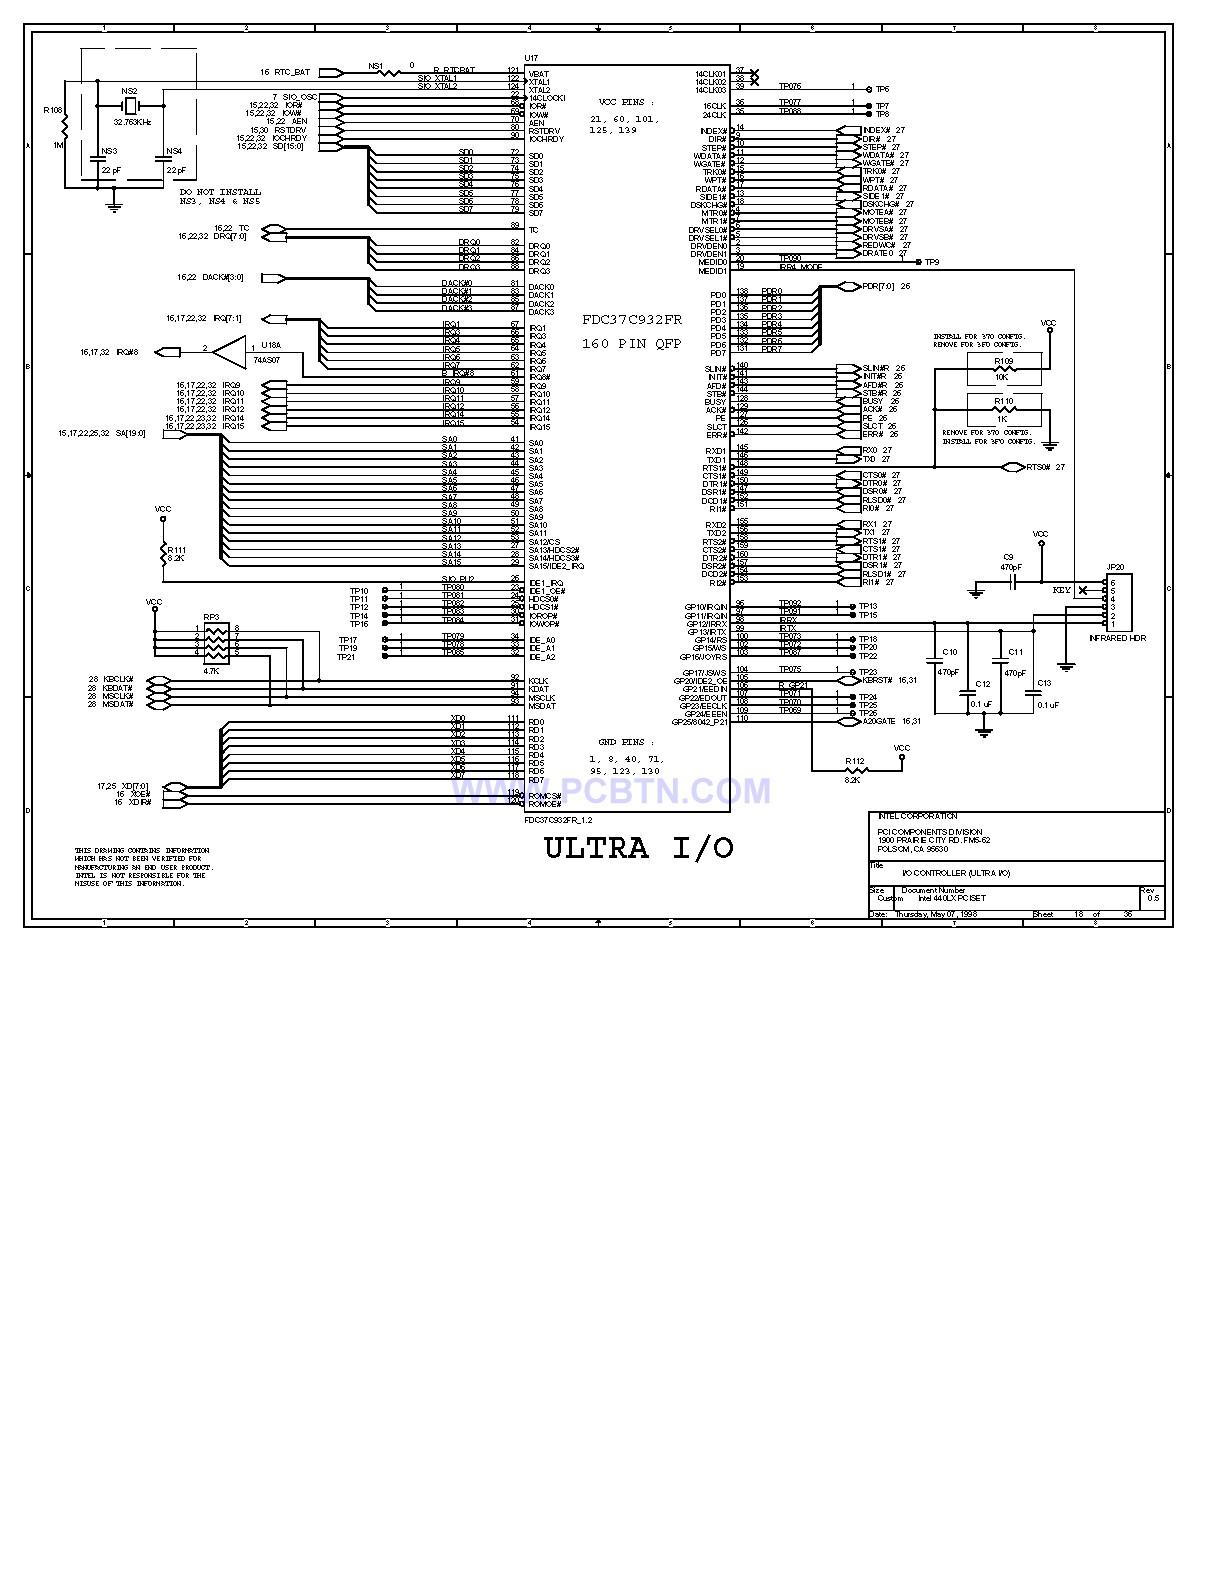 电脑主板设计图440LX[_]18